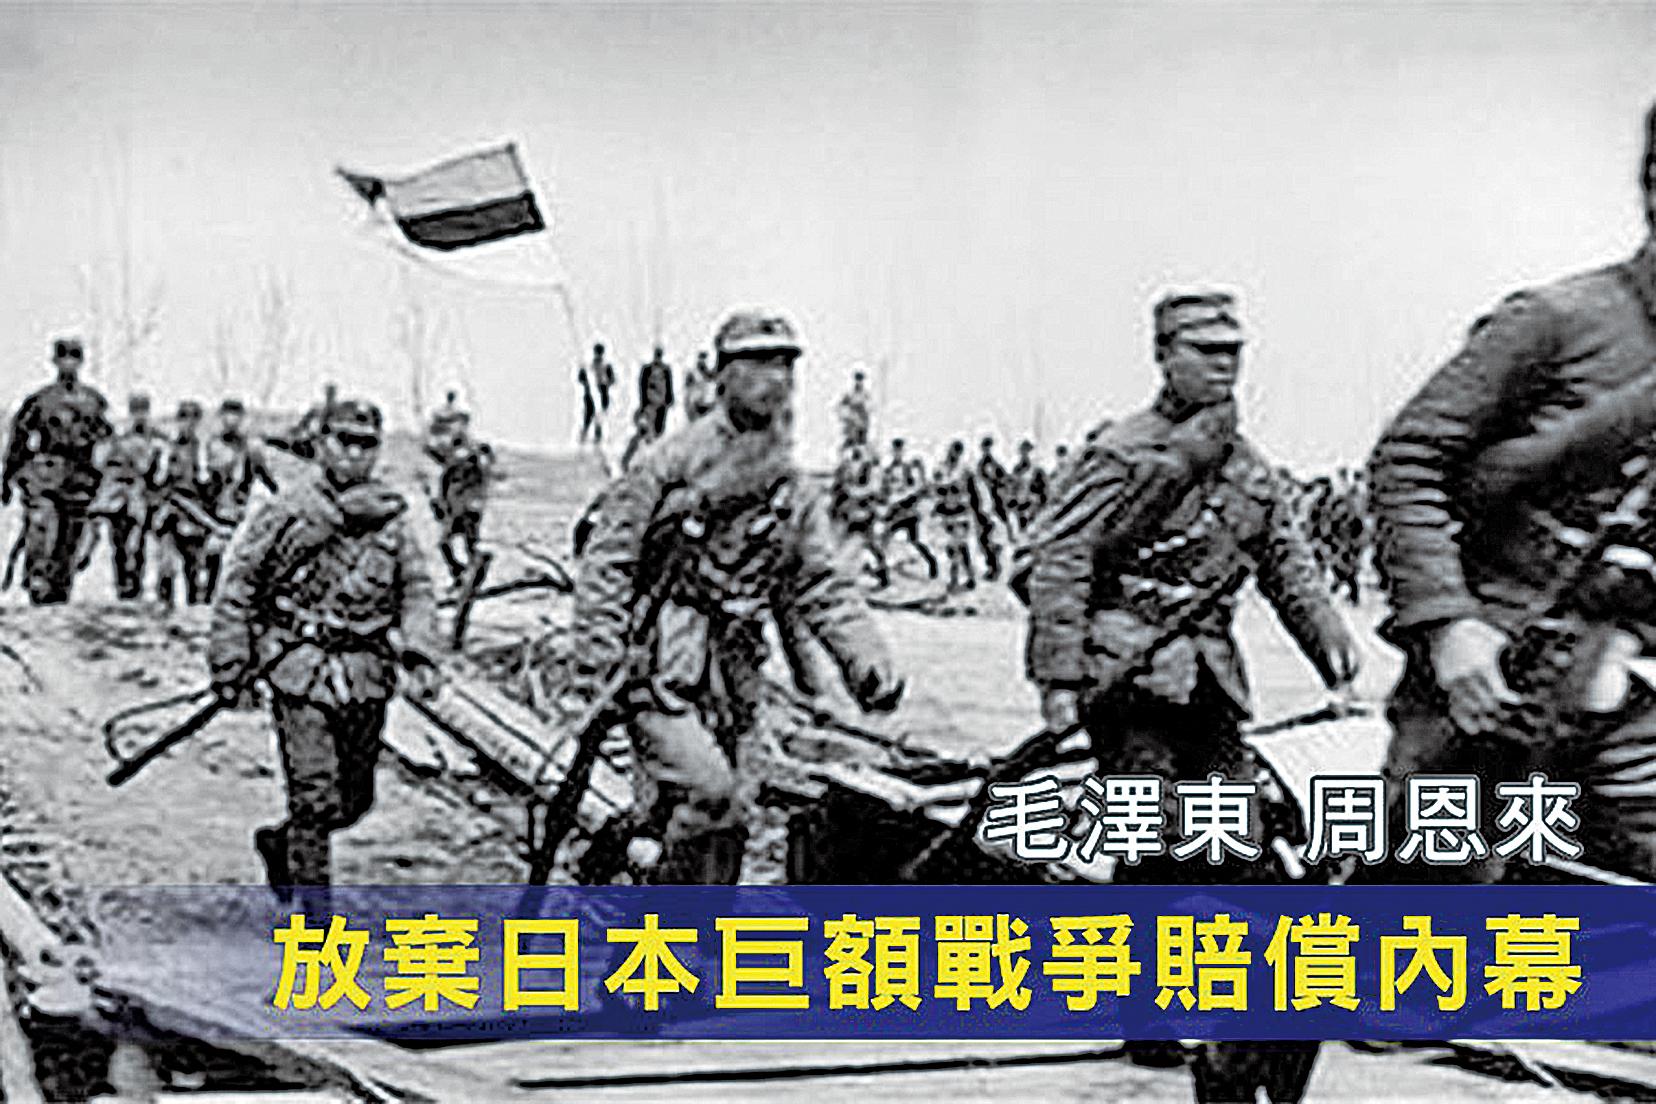 中共在「九一八」事變後就破壞國軍抗日,並與日本情報機構、日軍共謀對抗國軍。中共前黨魁毛澤東、周恩來多次感謝日本侵華以及放棄日本巨額戰爭賠償的言行,則進一步驗證了中共與日本勾結的內幕。(網絡圖片)